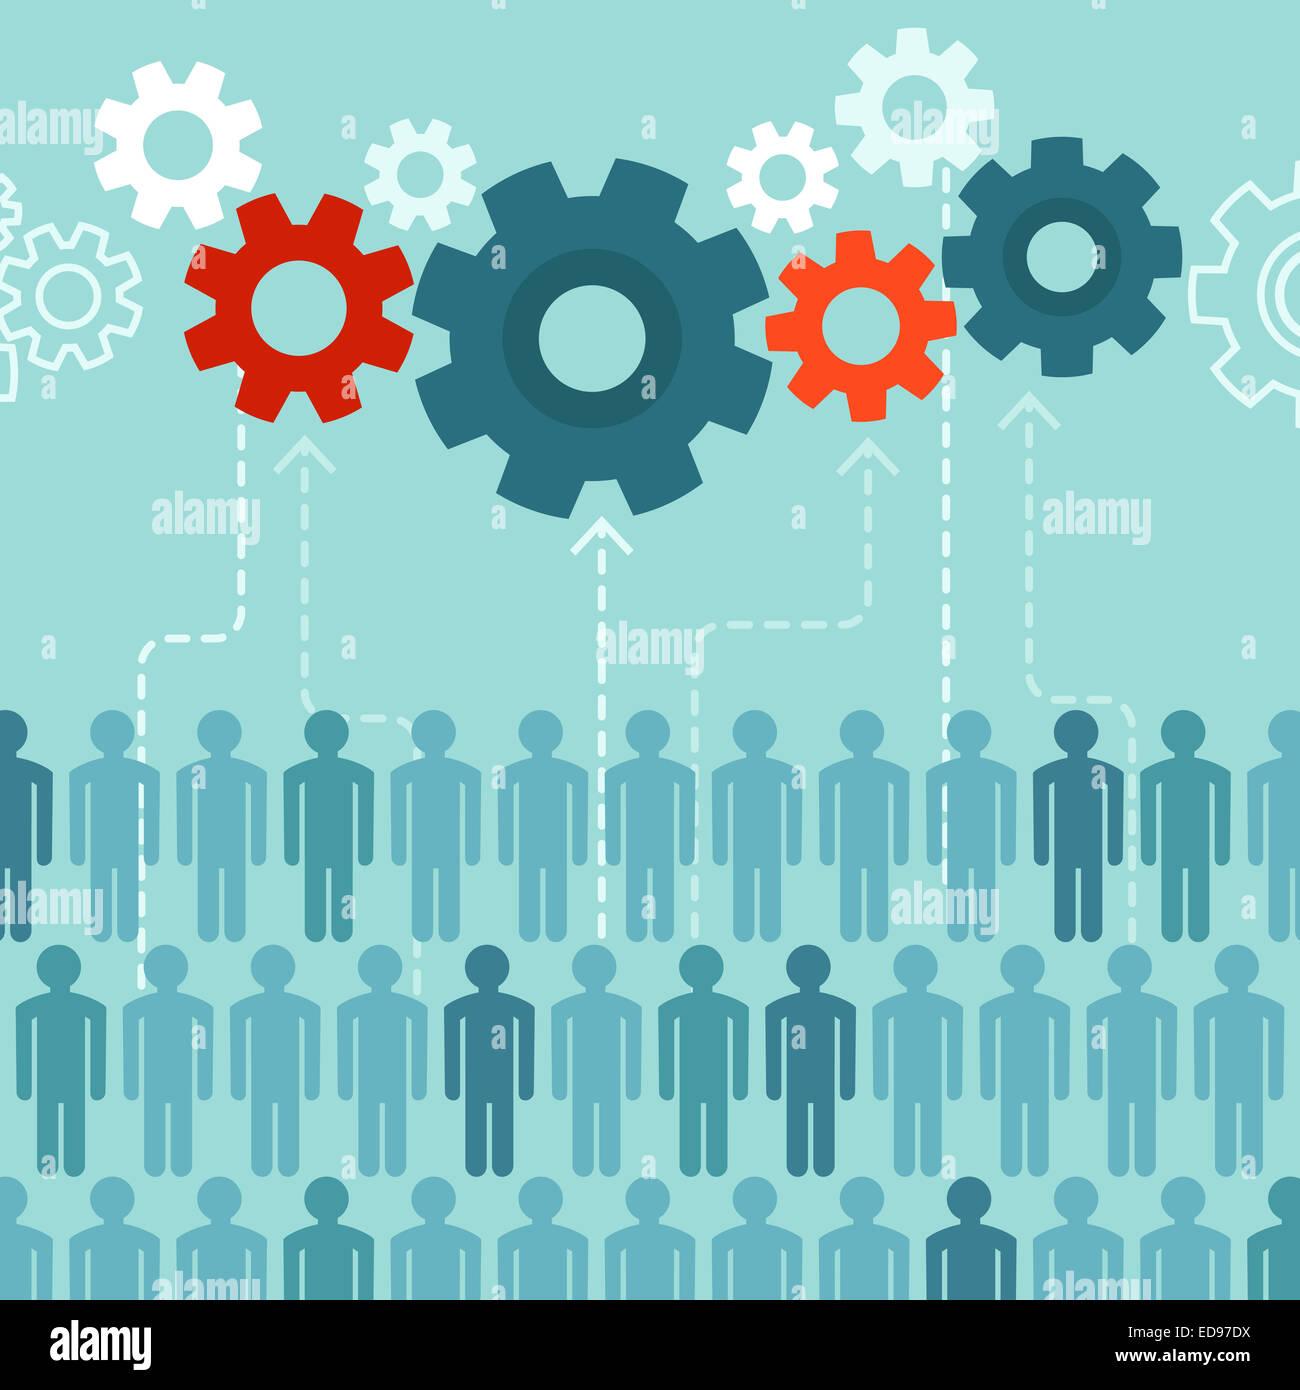 Concept de crowdsourcing dans télévision style - Résumé groupe de personnes participant à Photo Stock